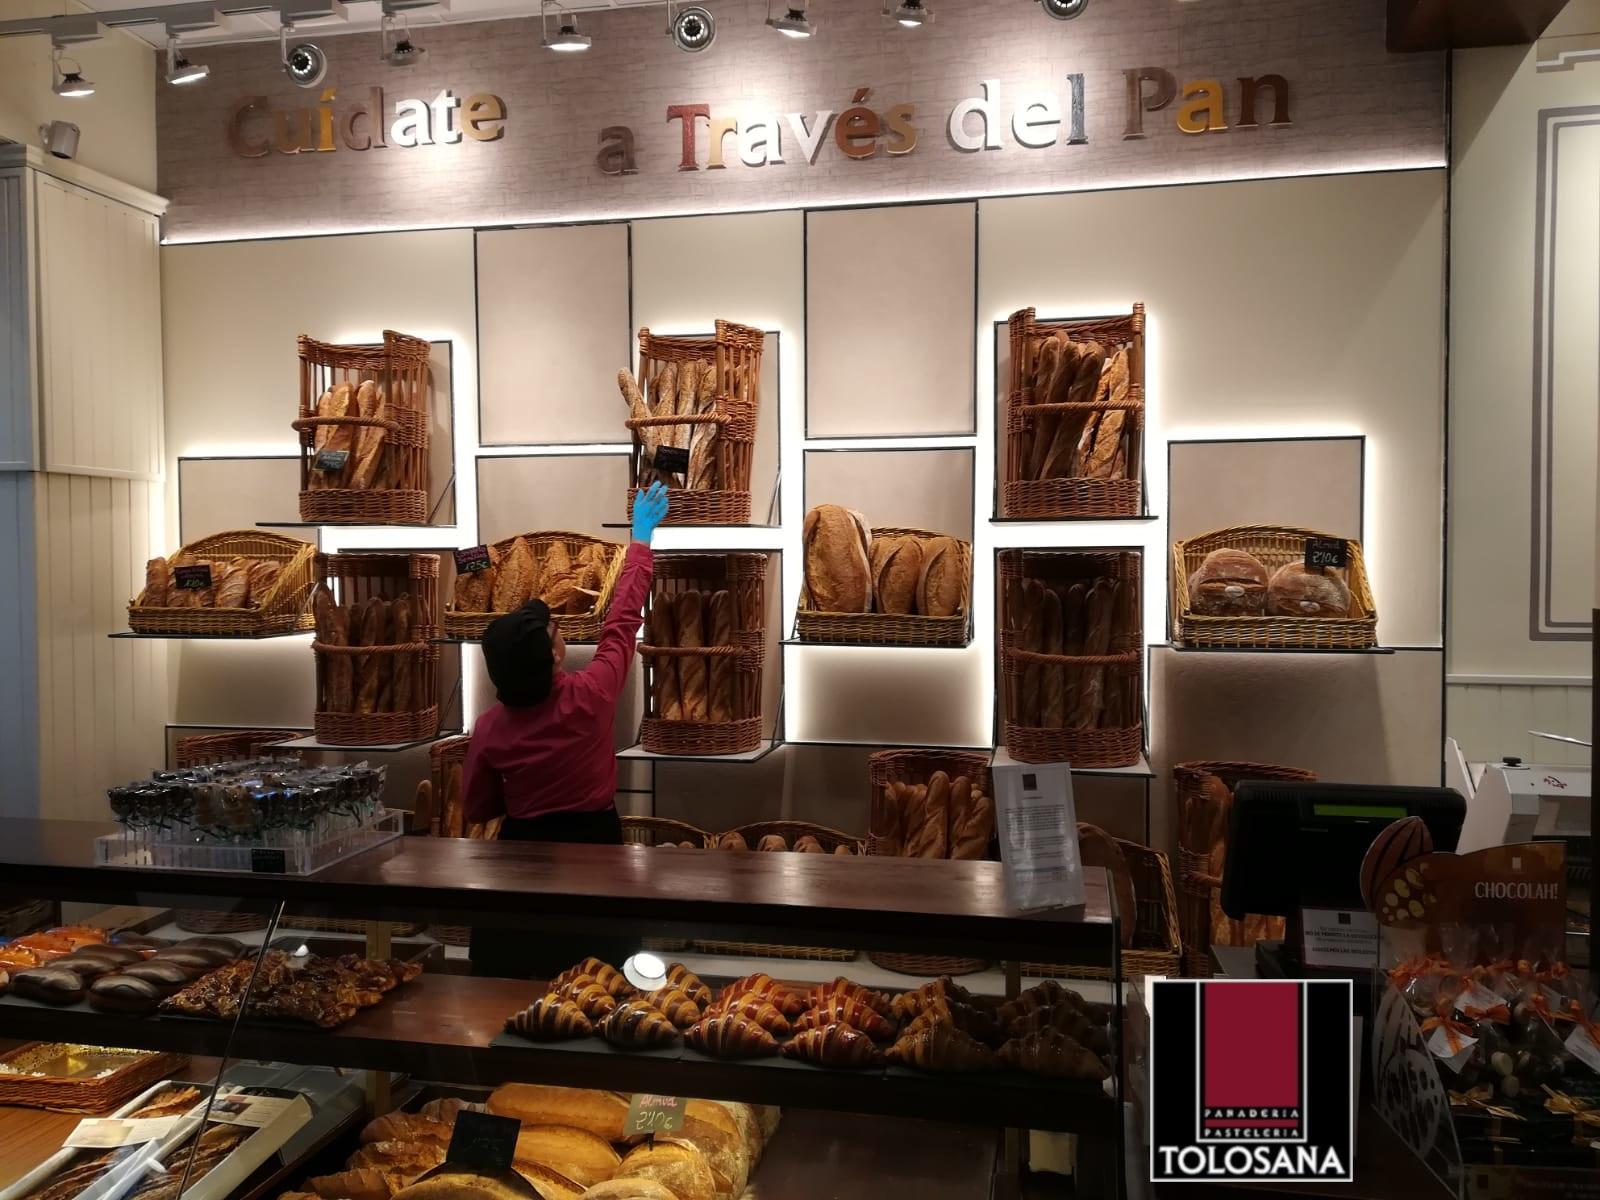 VENTA DE PAN